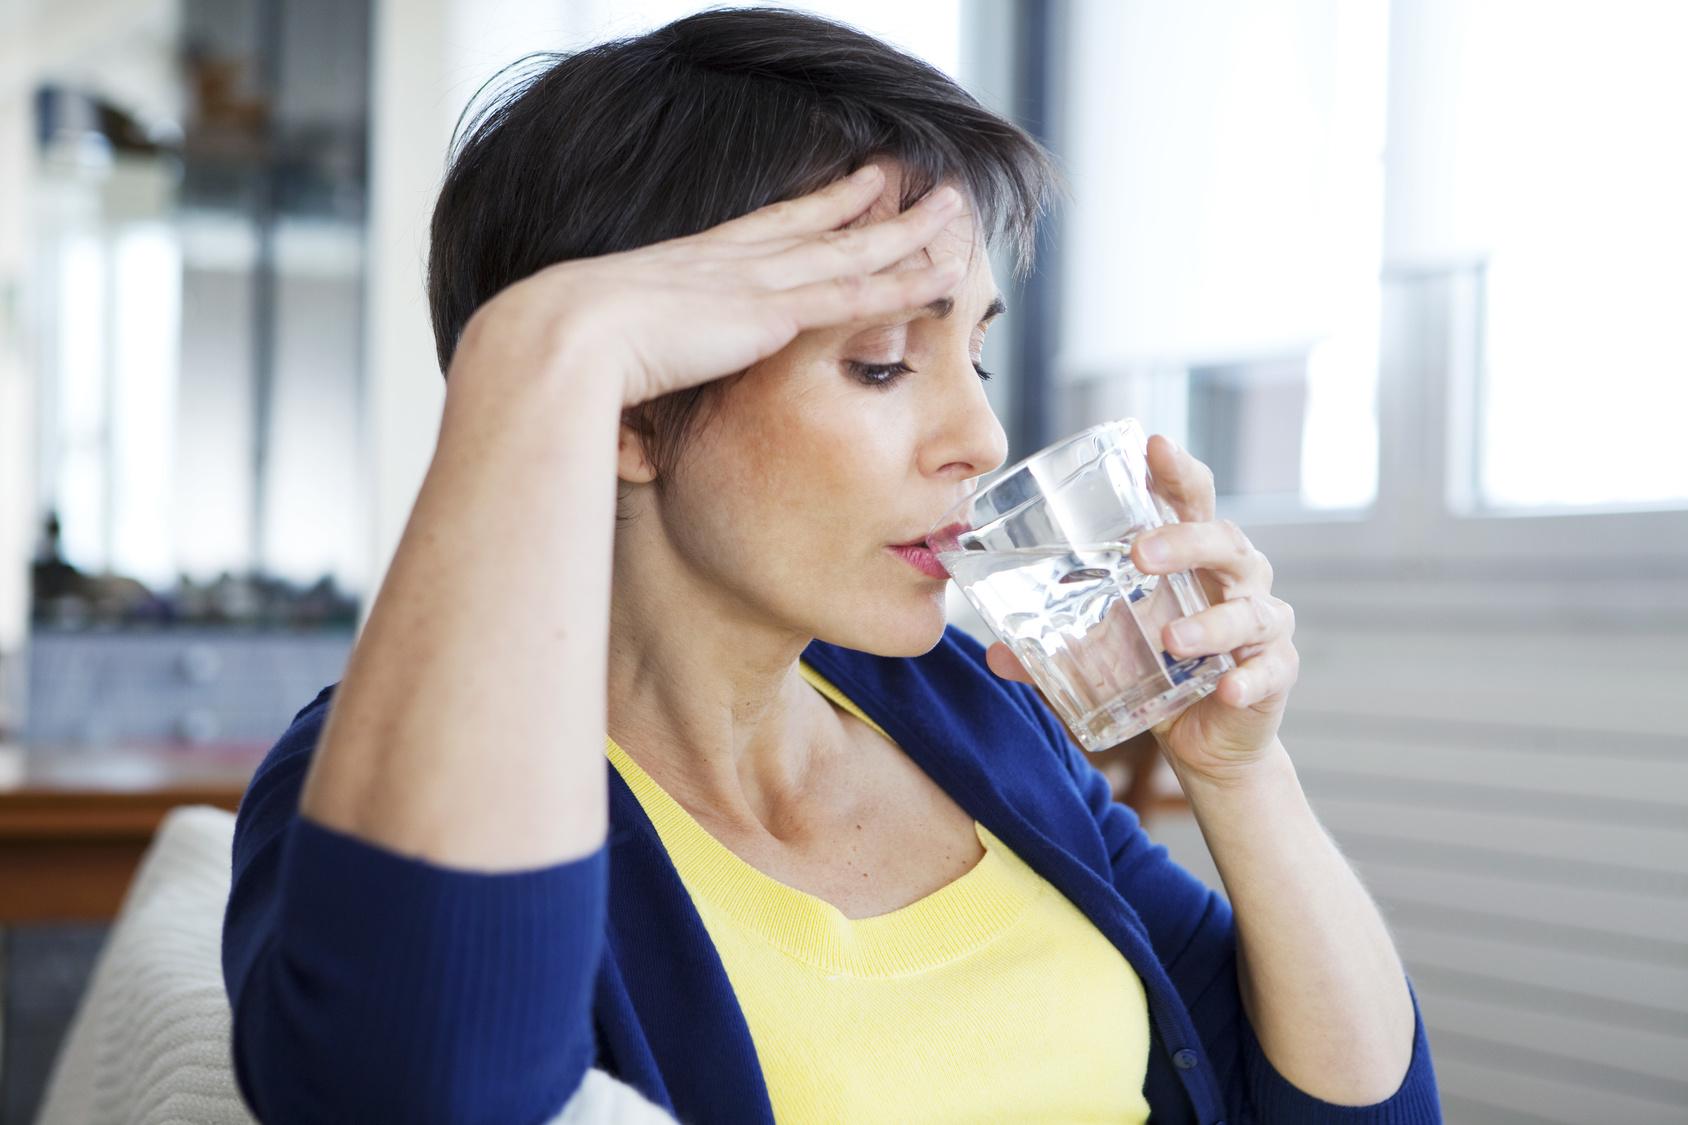 Kobieta zmagająca się z uderzeniami gorąca pije wodę /Menopauza i uderzenia gorąca: Jak z nimi walczyć